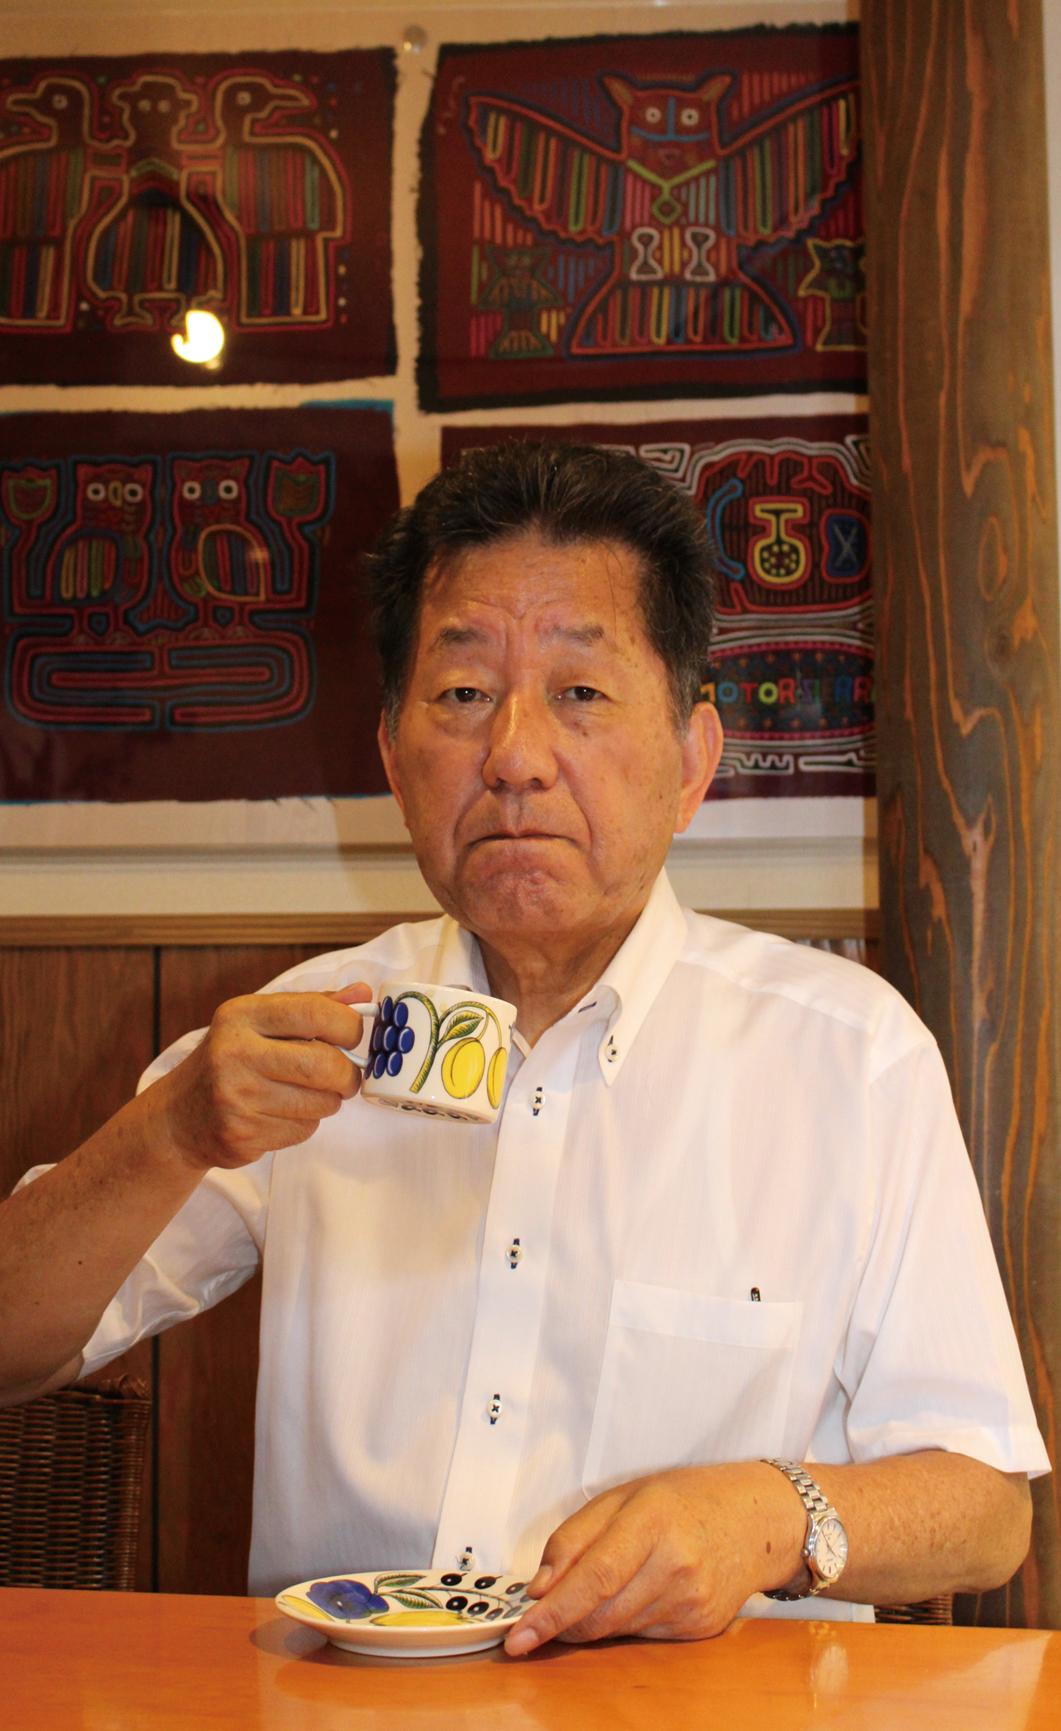 鈴木誉志男(サザコーヒー会長)プロフは!?本物志向で料金や年収が凄い!?成功の秘訣は?【カンブリア宮殿】